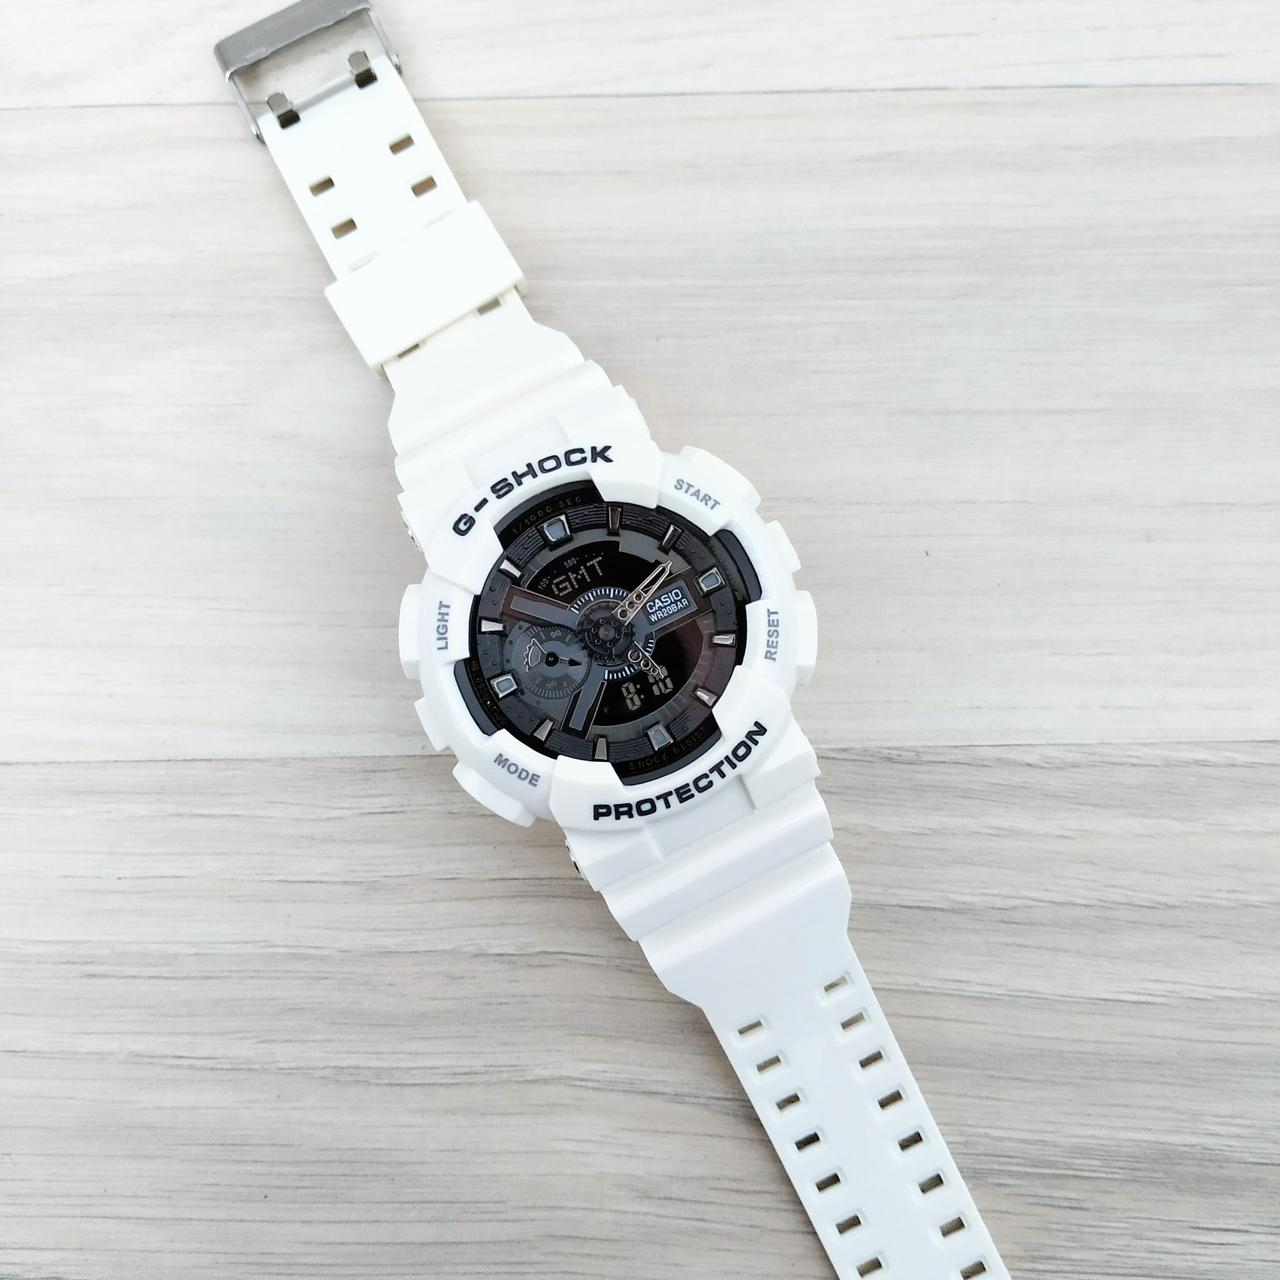 Электронные часы Casio G-Shock GA-110 White-Black New, спортивные часы Джи Шок, реплика